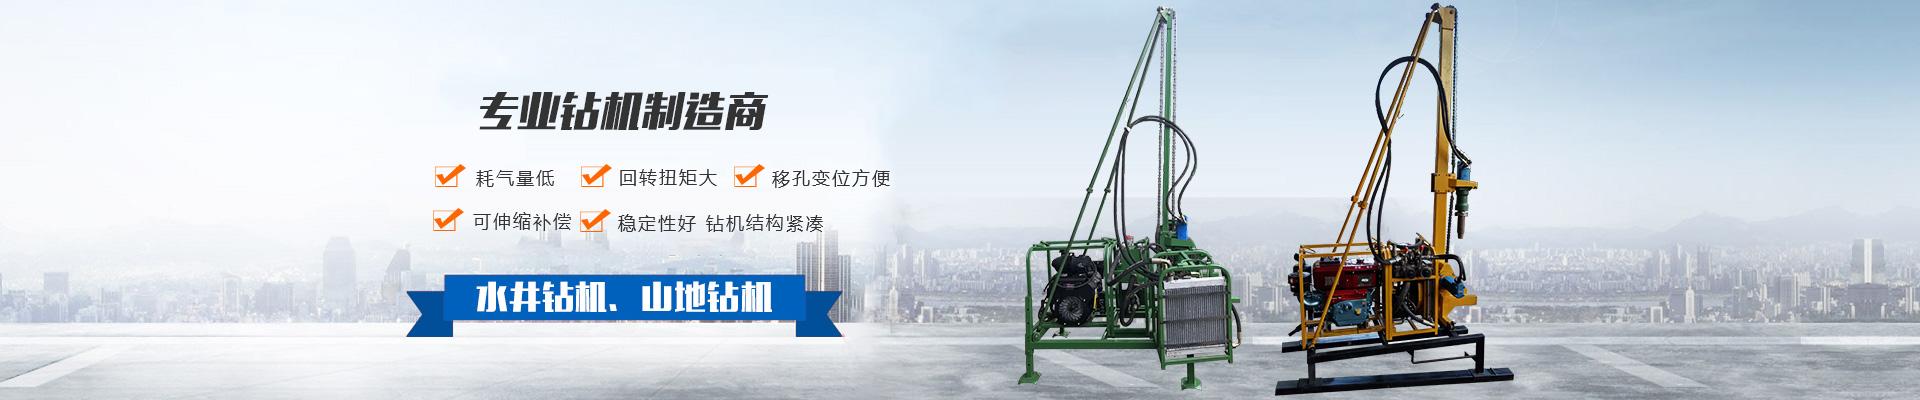 重庆水井钻机厂家